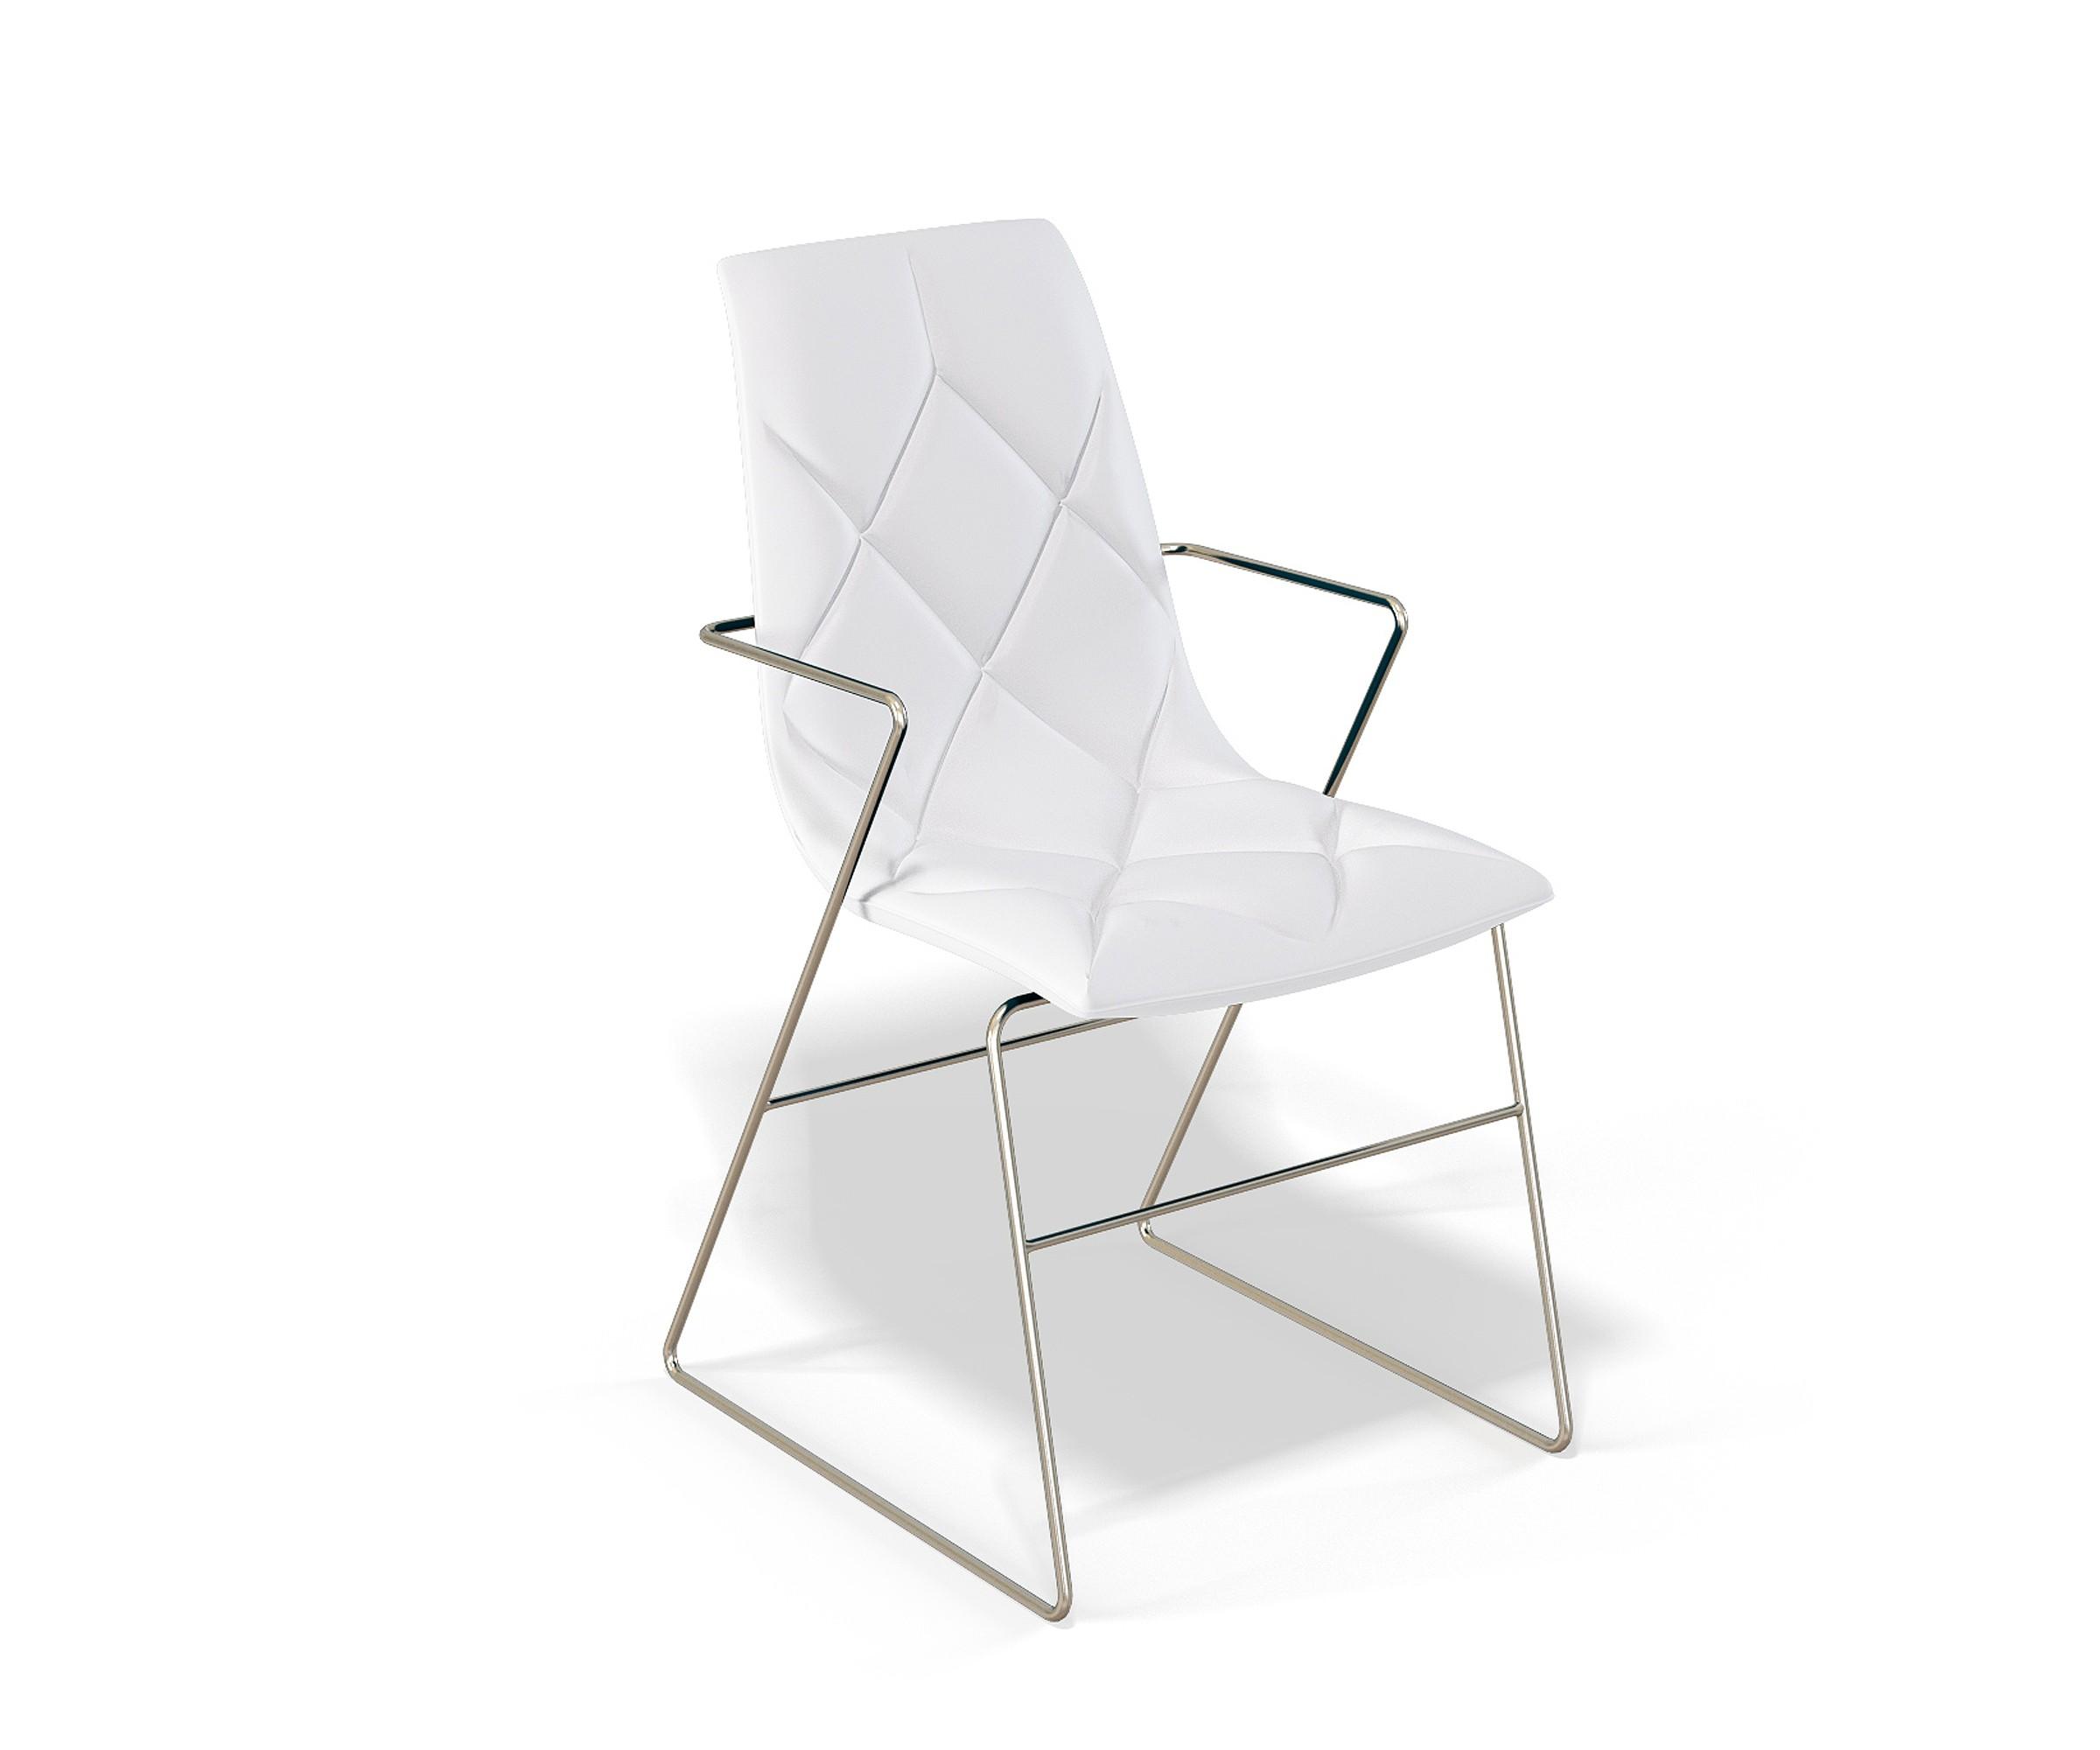 Стул KennerОбеденные стулья<br>Высота от пола до сиденья 47 см.<br><br>Material: Экокожа<br>Ширина см: 47<br>Высота см: 94<br>Глубина см: 41